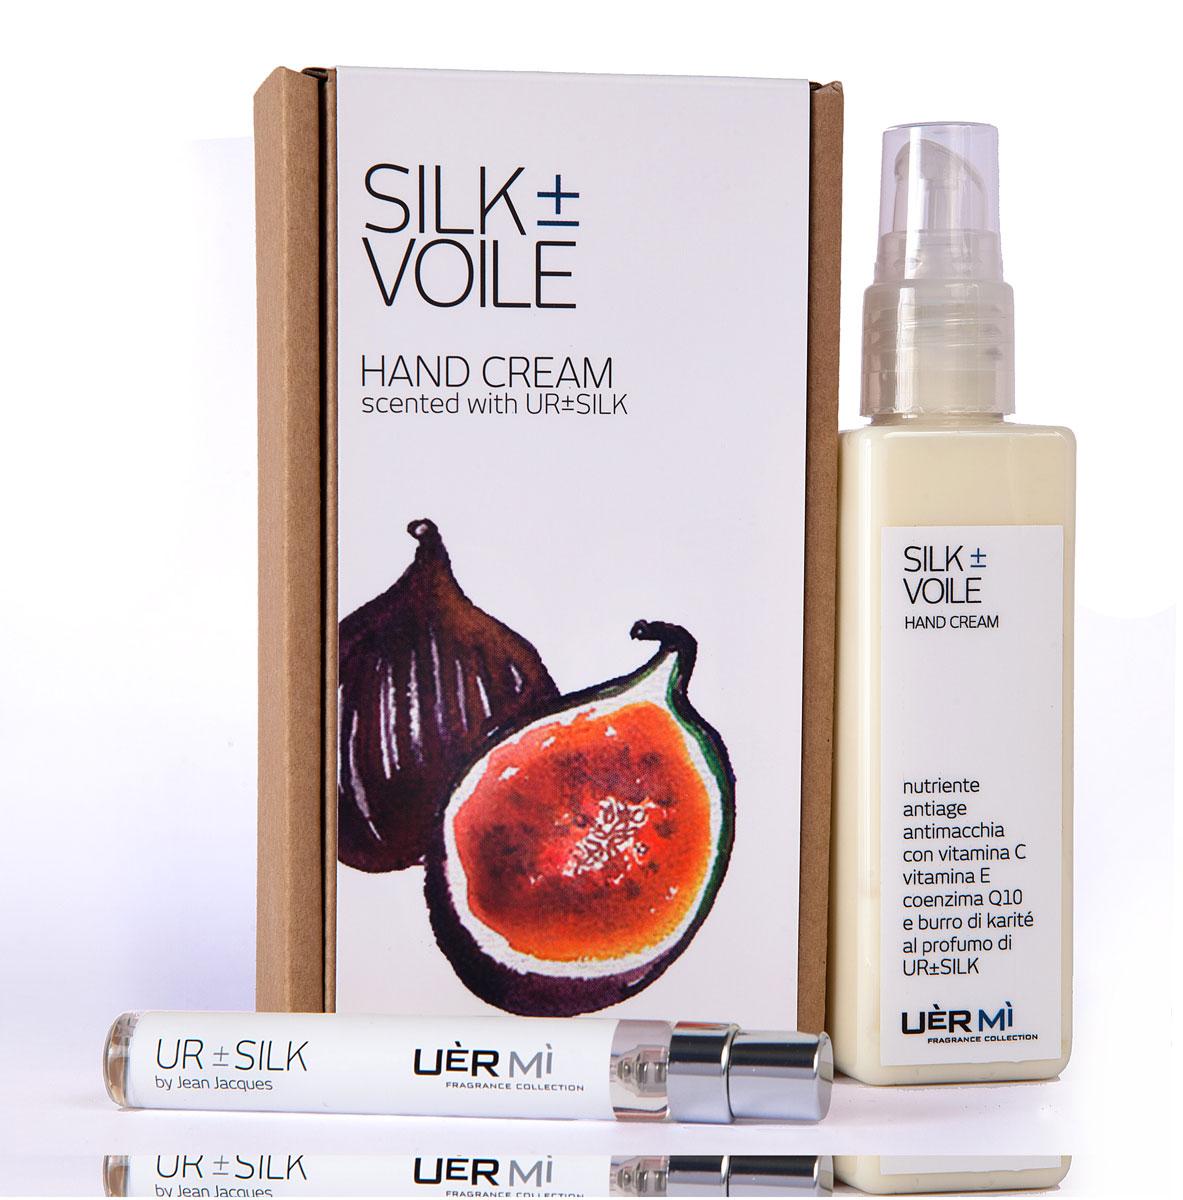 Uermi Набор Silk: крем для рук voile silk, 100мл, парфюмерная вода ur-silk7, 7,5млUE030UR Silk. Чувственный, мягкий, гладкий, шелк высоко ценится, а прикосновение к нему вызывает трепет, как у мужчин, так и у женщин. У парфюмера Жан Жак шелковая чувственность подчеркнута инжирными нотами.